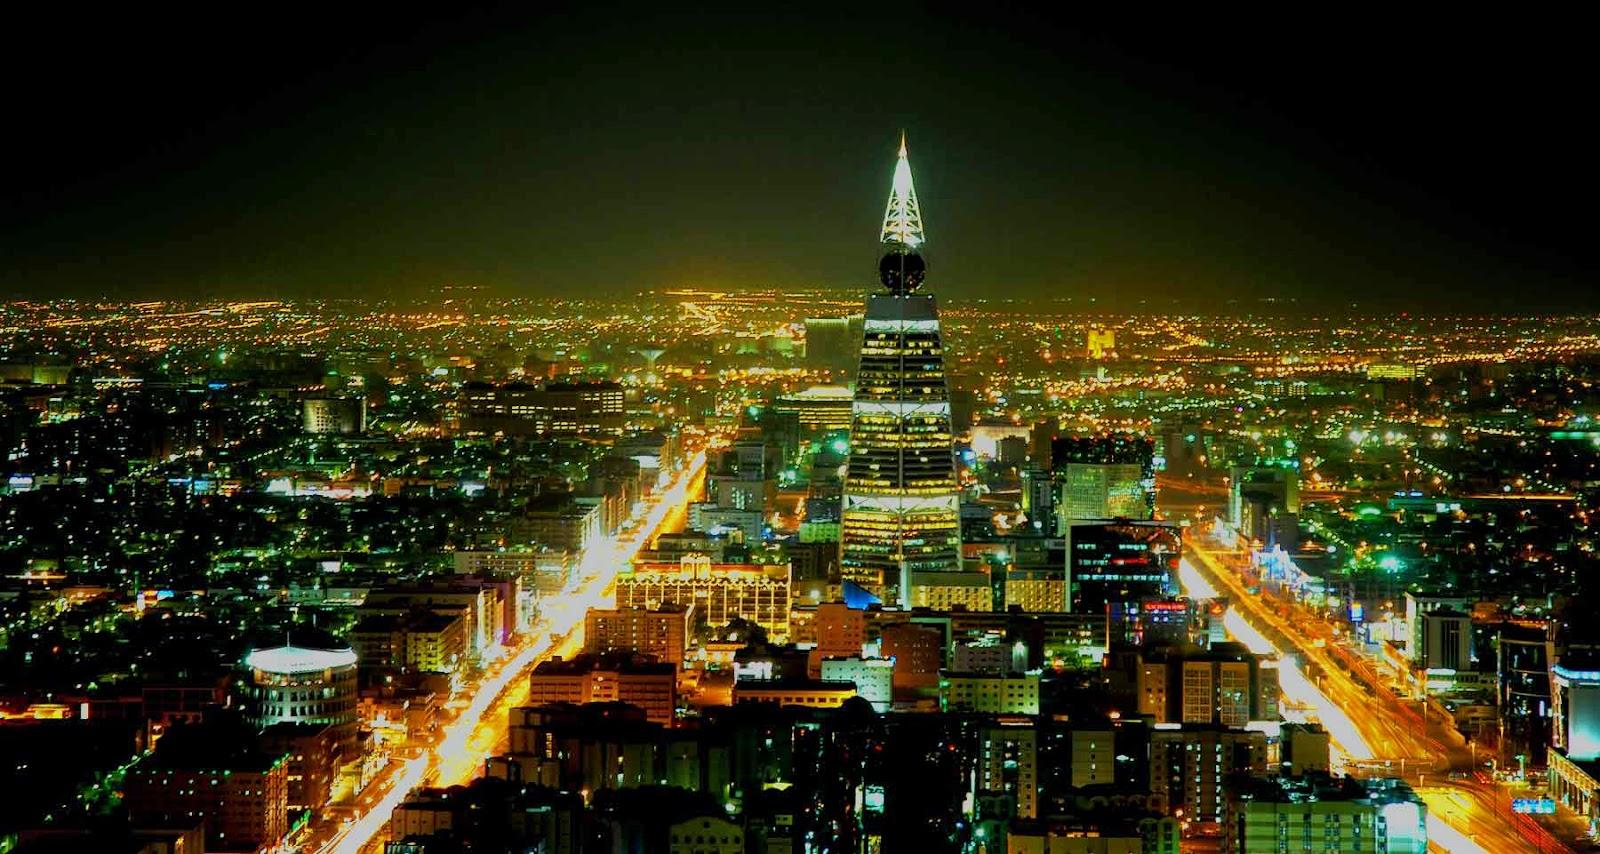 صورة فوتوغرافية من منتصف الرياض في الليل